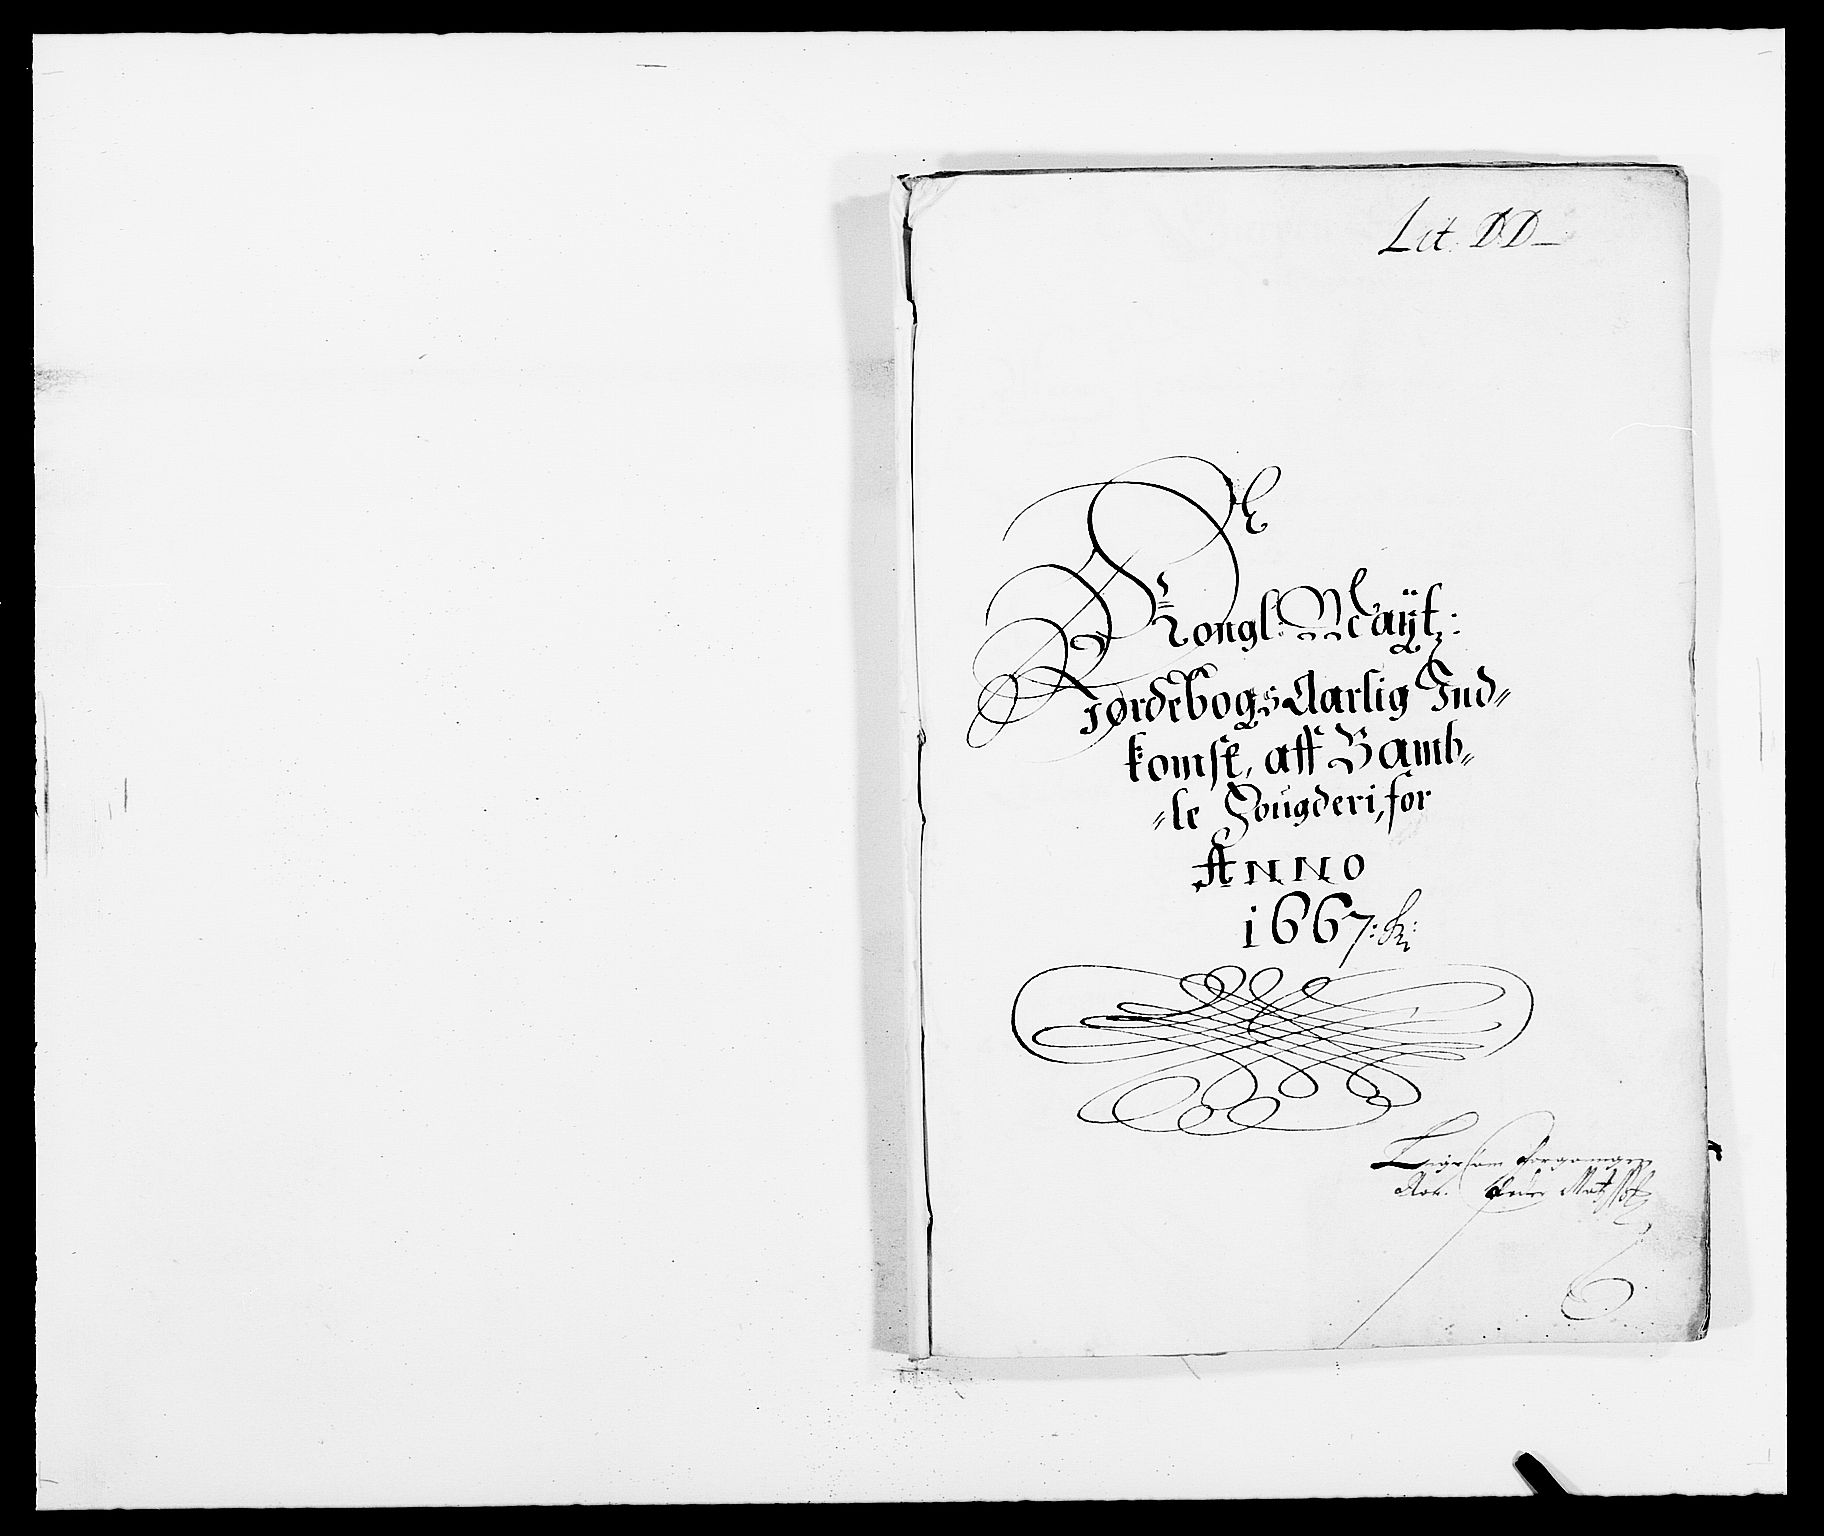 RA, Rentekammeret inntil 1814, Reviderte regnskaper, Fogderegnskap, R34/L2039: Fogderegnskap Bamble, 1662-1669, s. 275